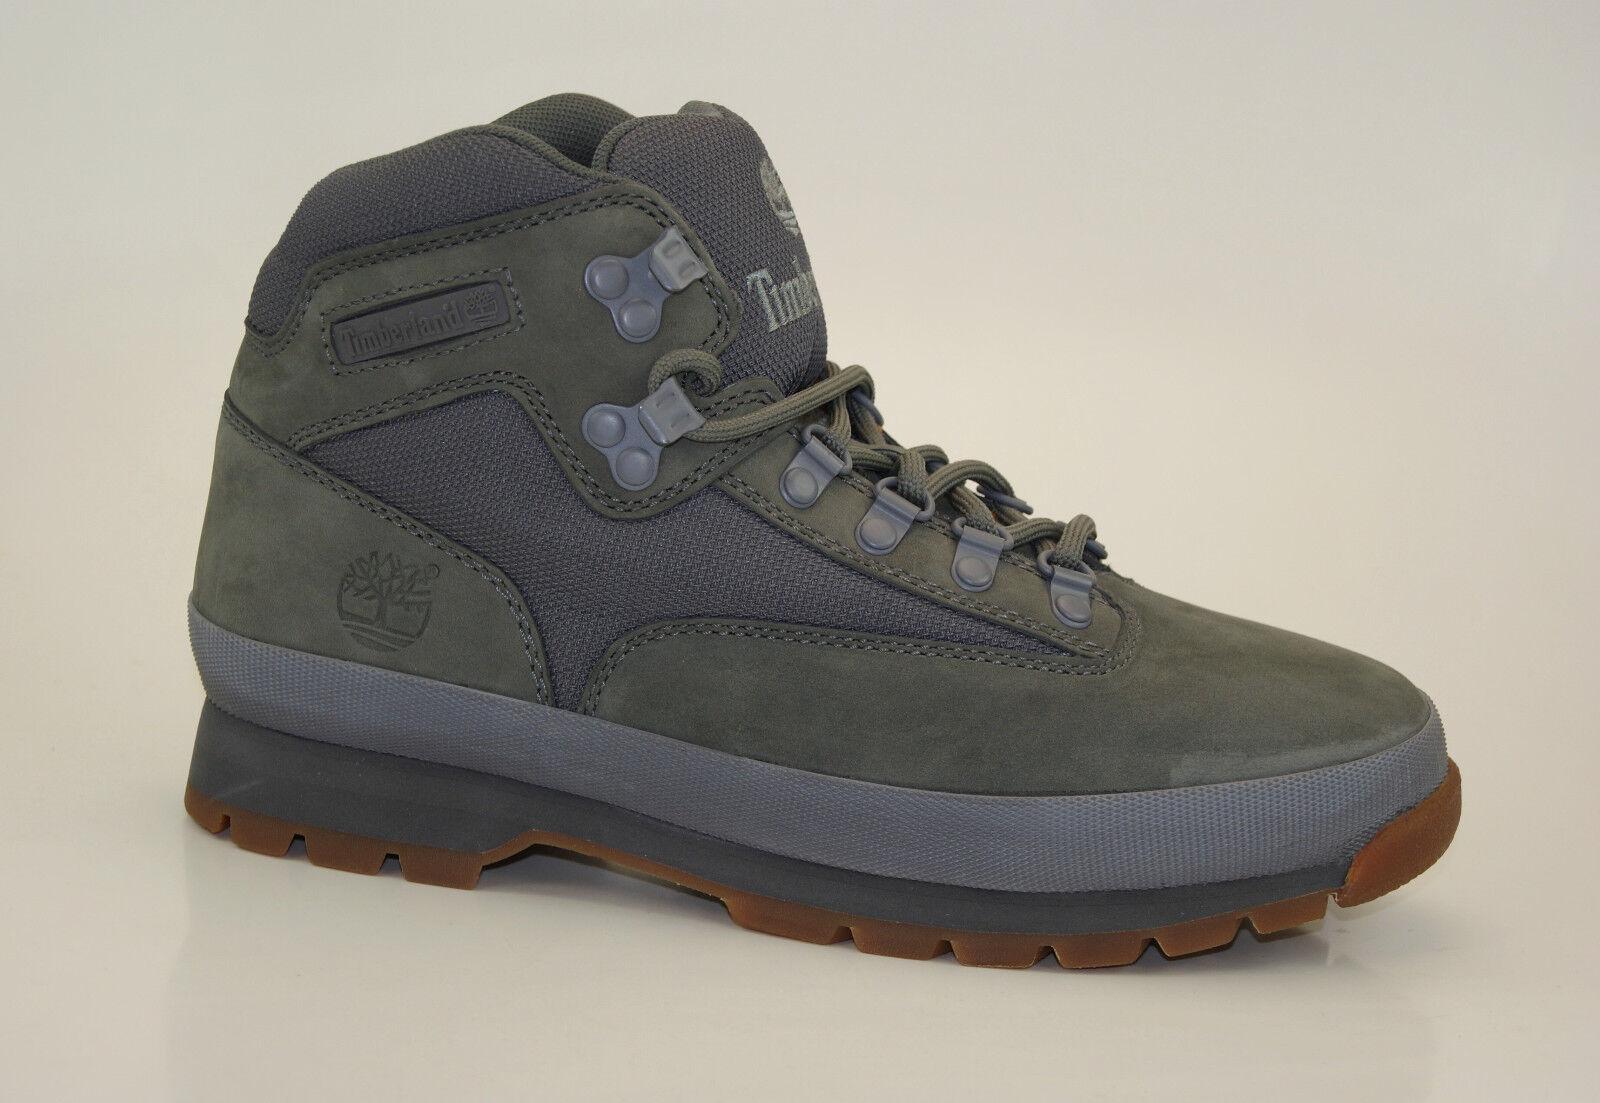 Timberland Euro Hiker Stiefel  Wanderschuhe Stiefel Herren Schnürschuhe A11V8  | Verschiedene Stile und Stile